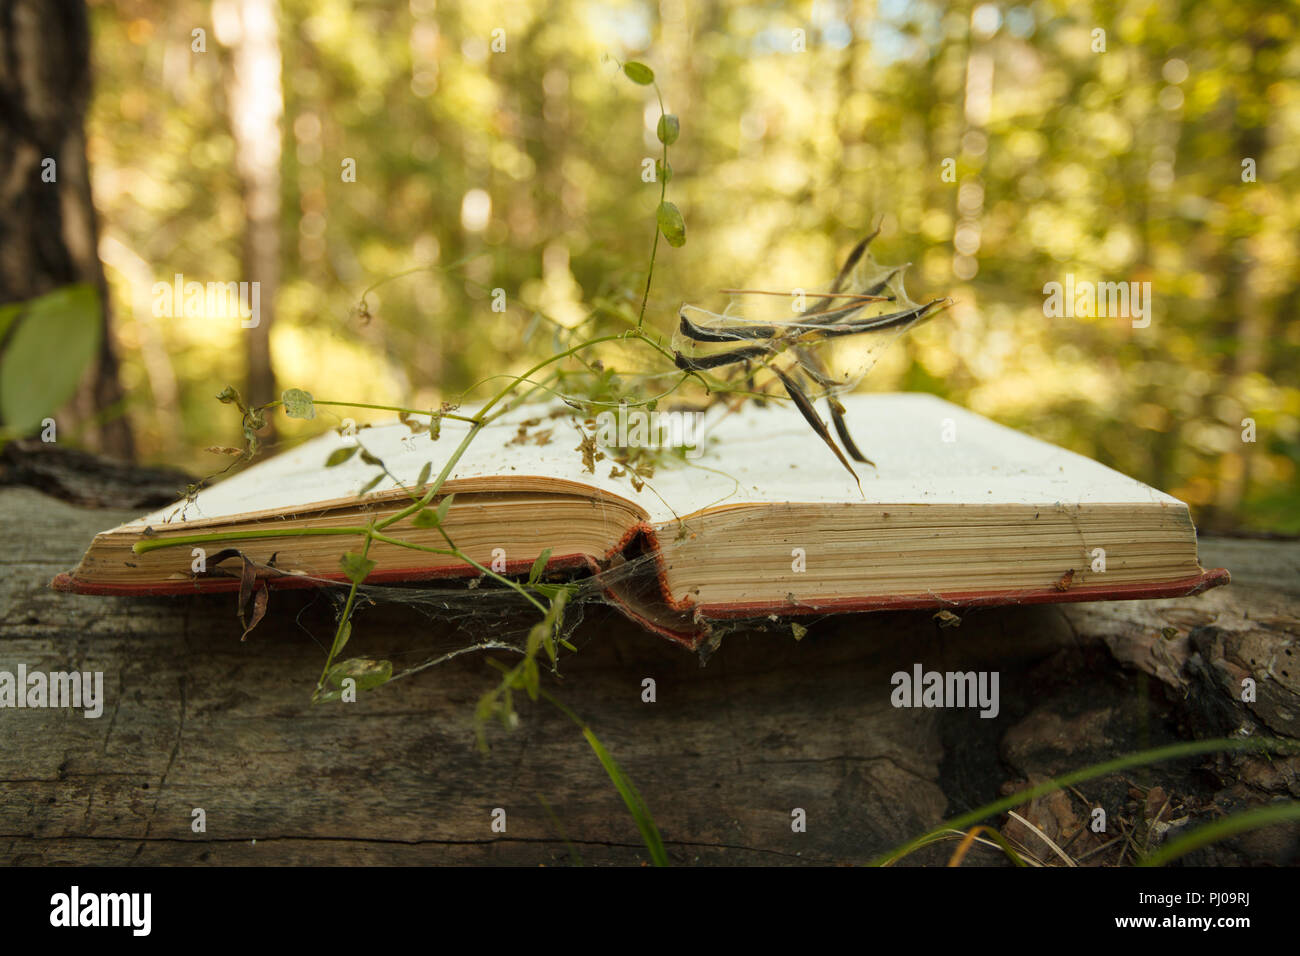 Abrir libro sobre fondo de madera con magia misterio planta efecto bokeh de fondo Imagen De Stock